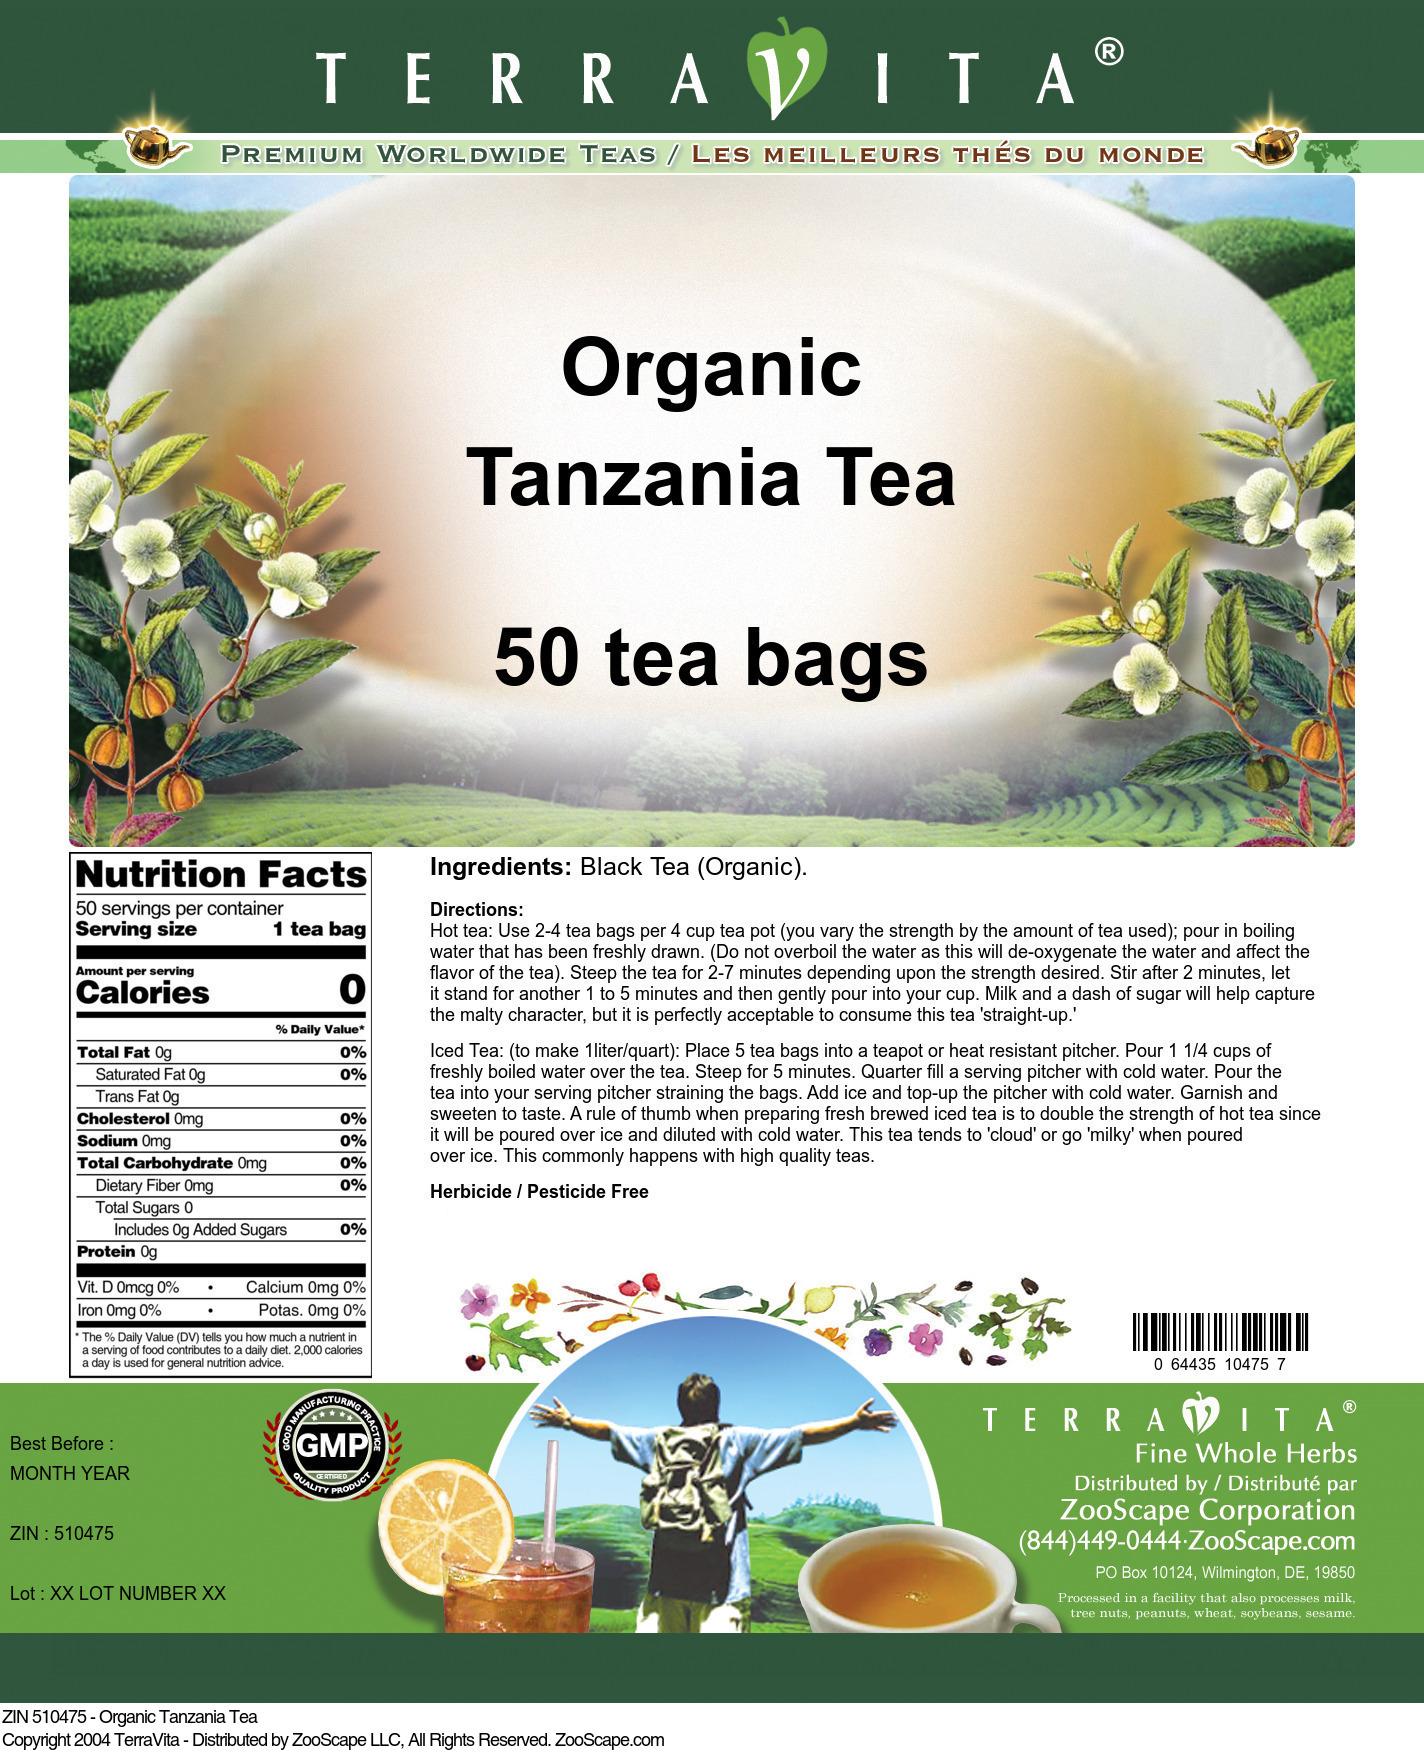 Organic Tanzania